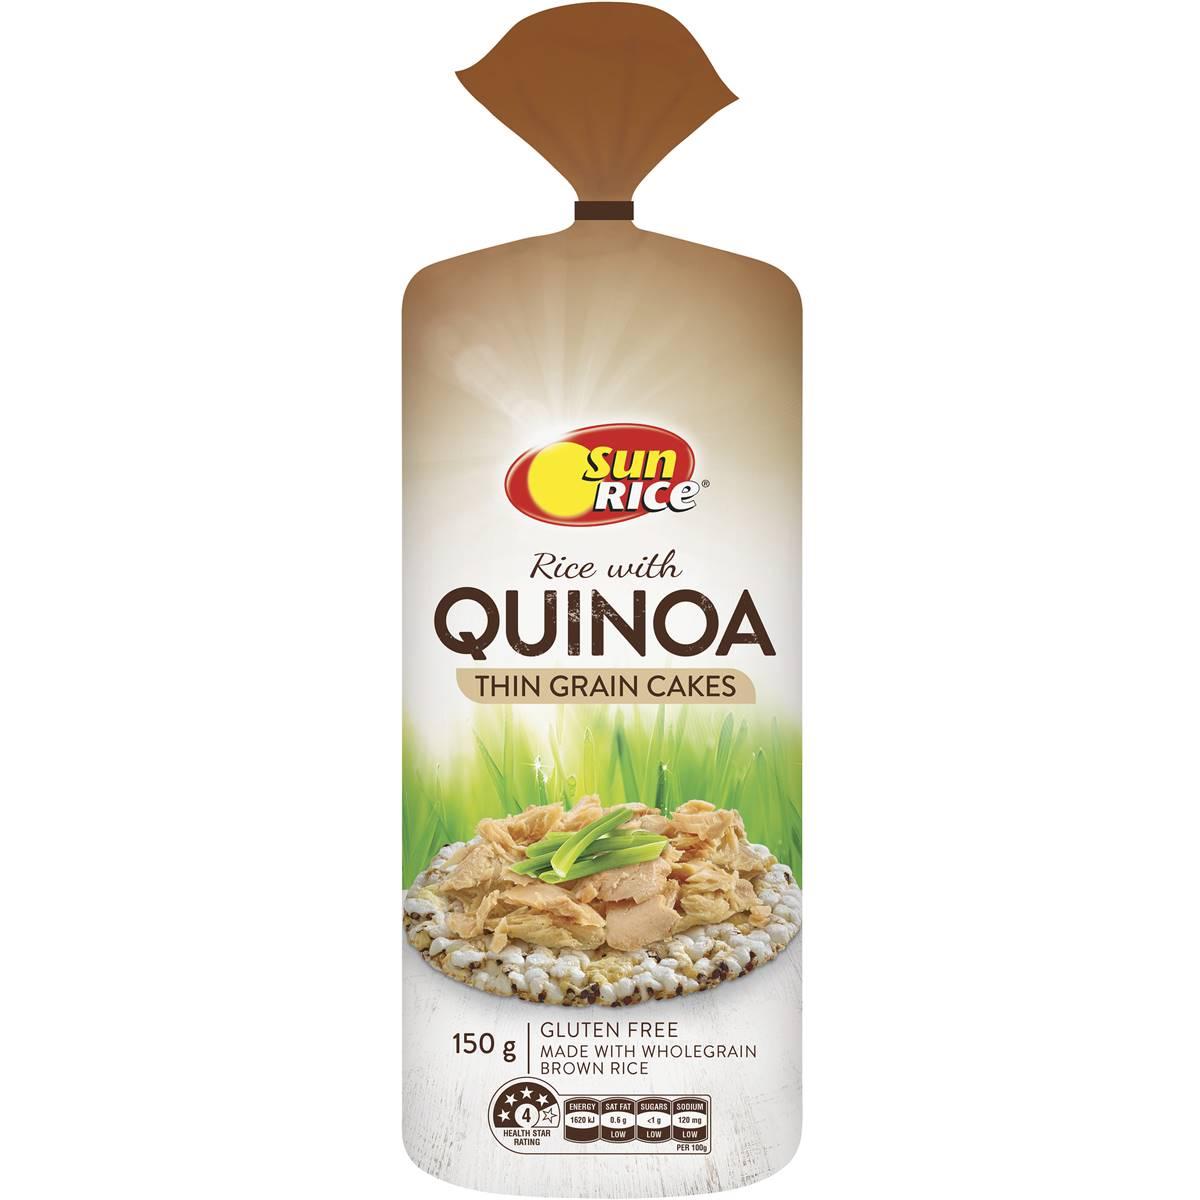 Quinoa Rice Cakes Cake Recipe